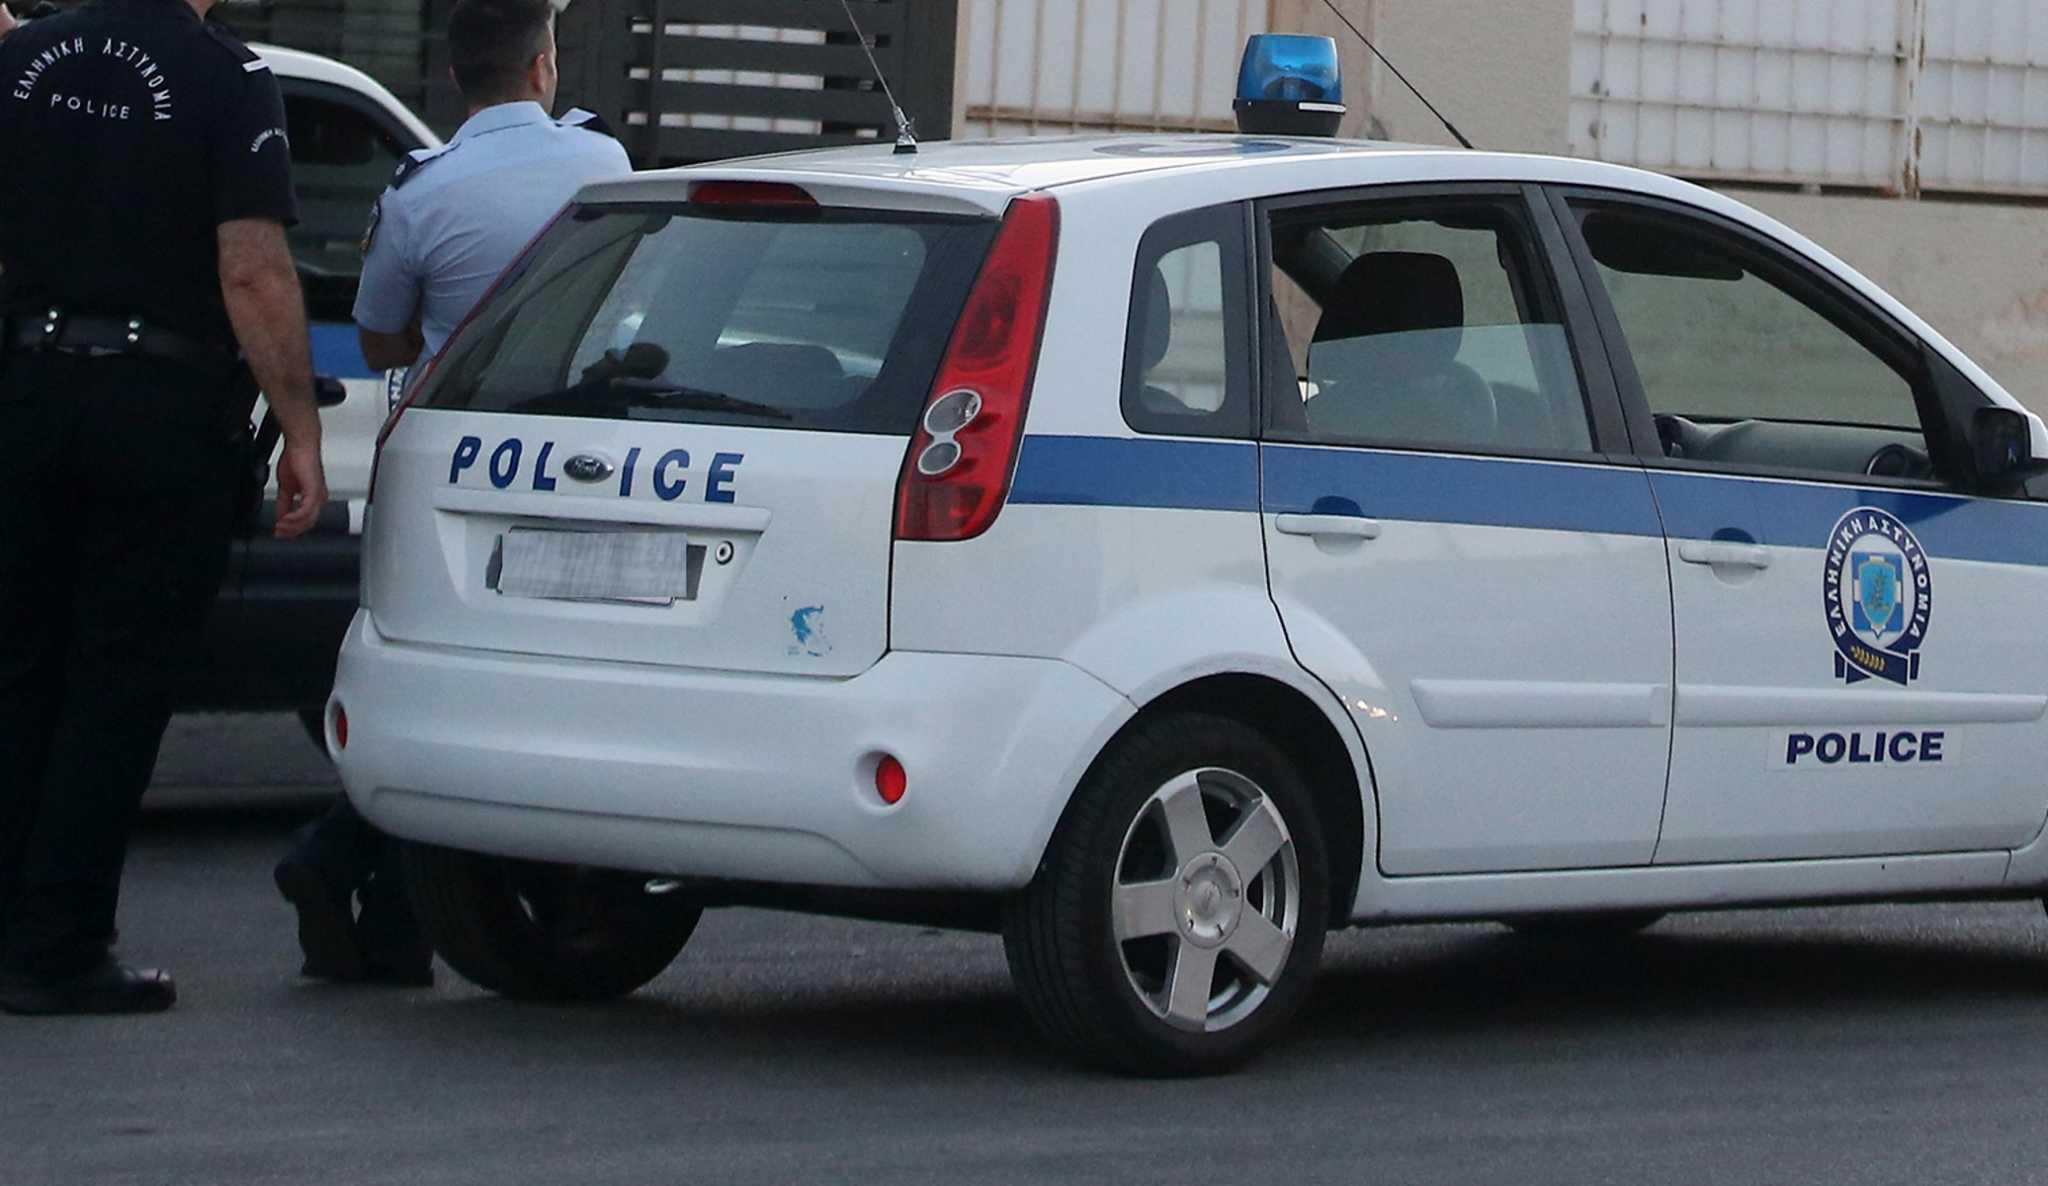 Θεσσαλονίκη: Σύλληψη 25χρονου για δύο ένοπλες ληστείες σε ψιλικατζίδικα